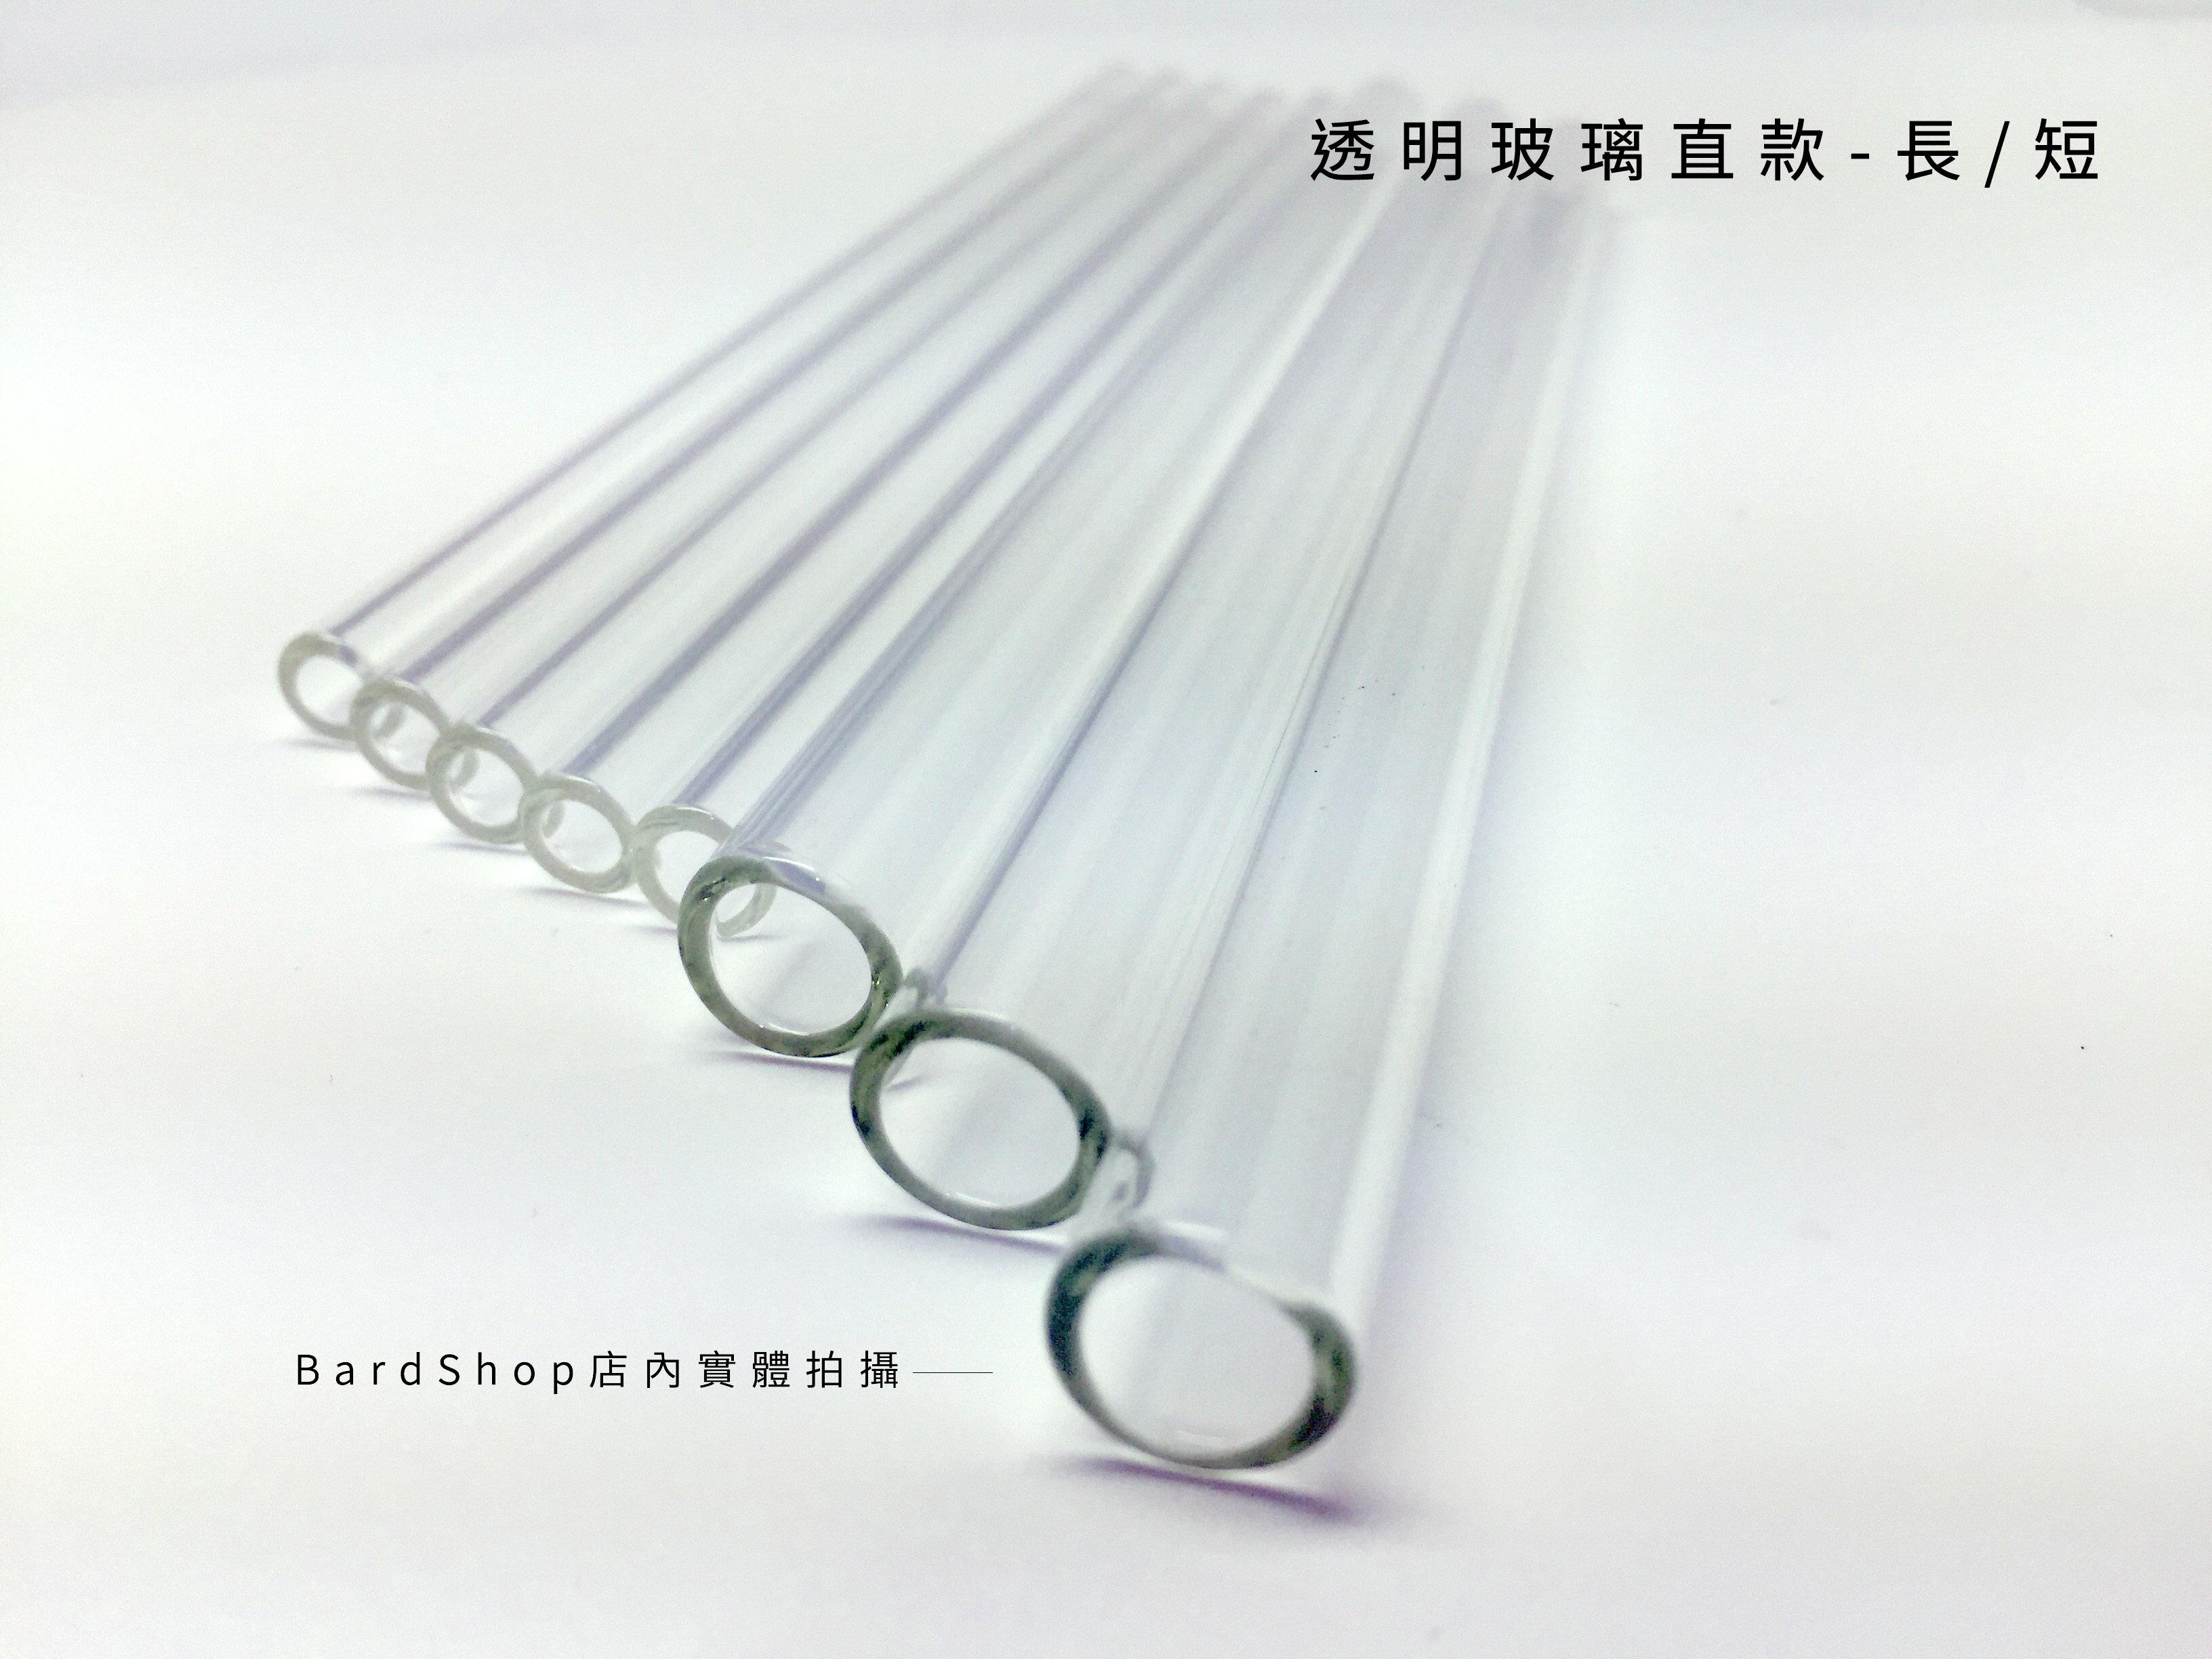 【BardShop環保小物】最美的琉璃吸管/環保創意透明玻璃吸管-彎/直/粗/細/尖頭款 3